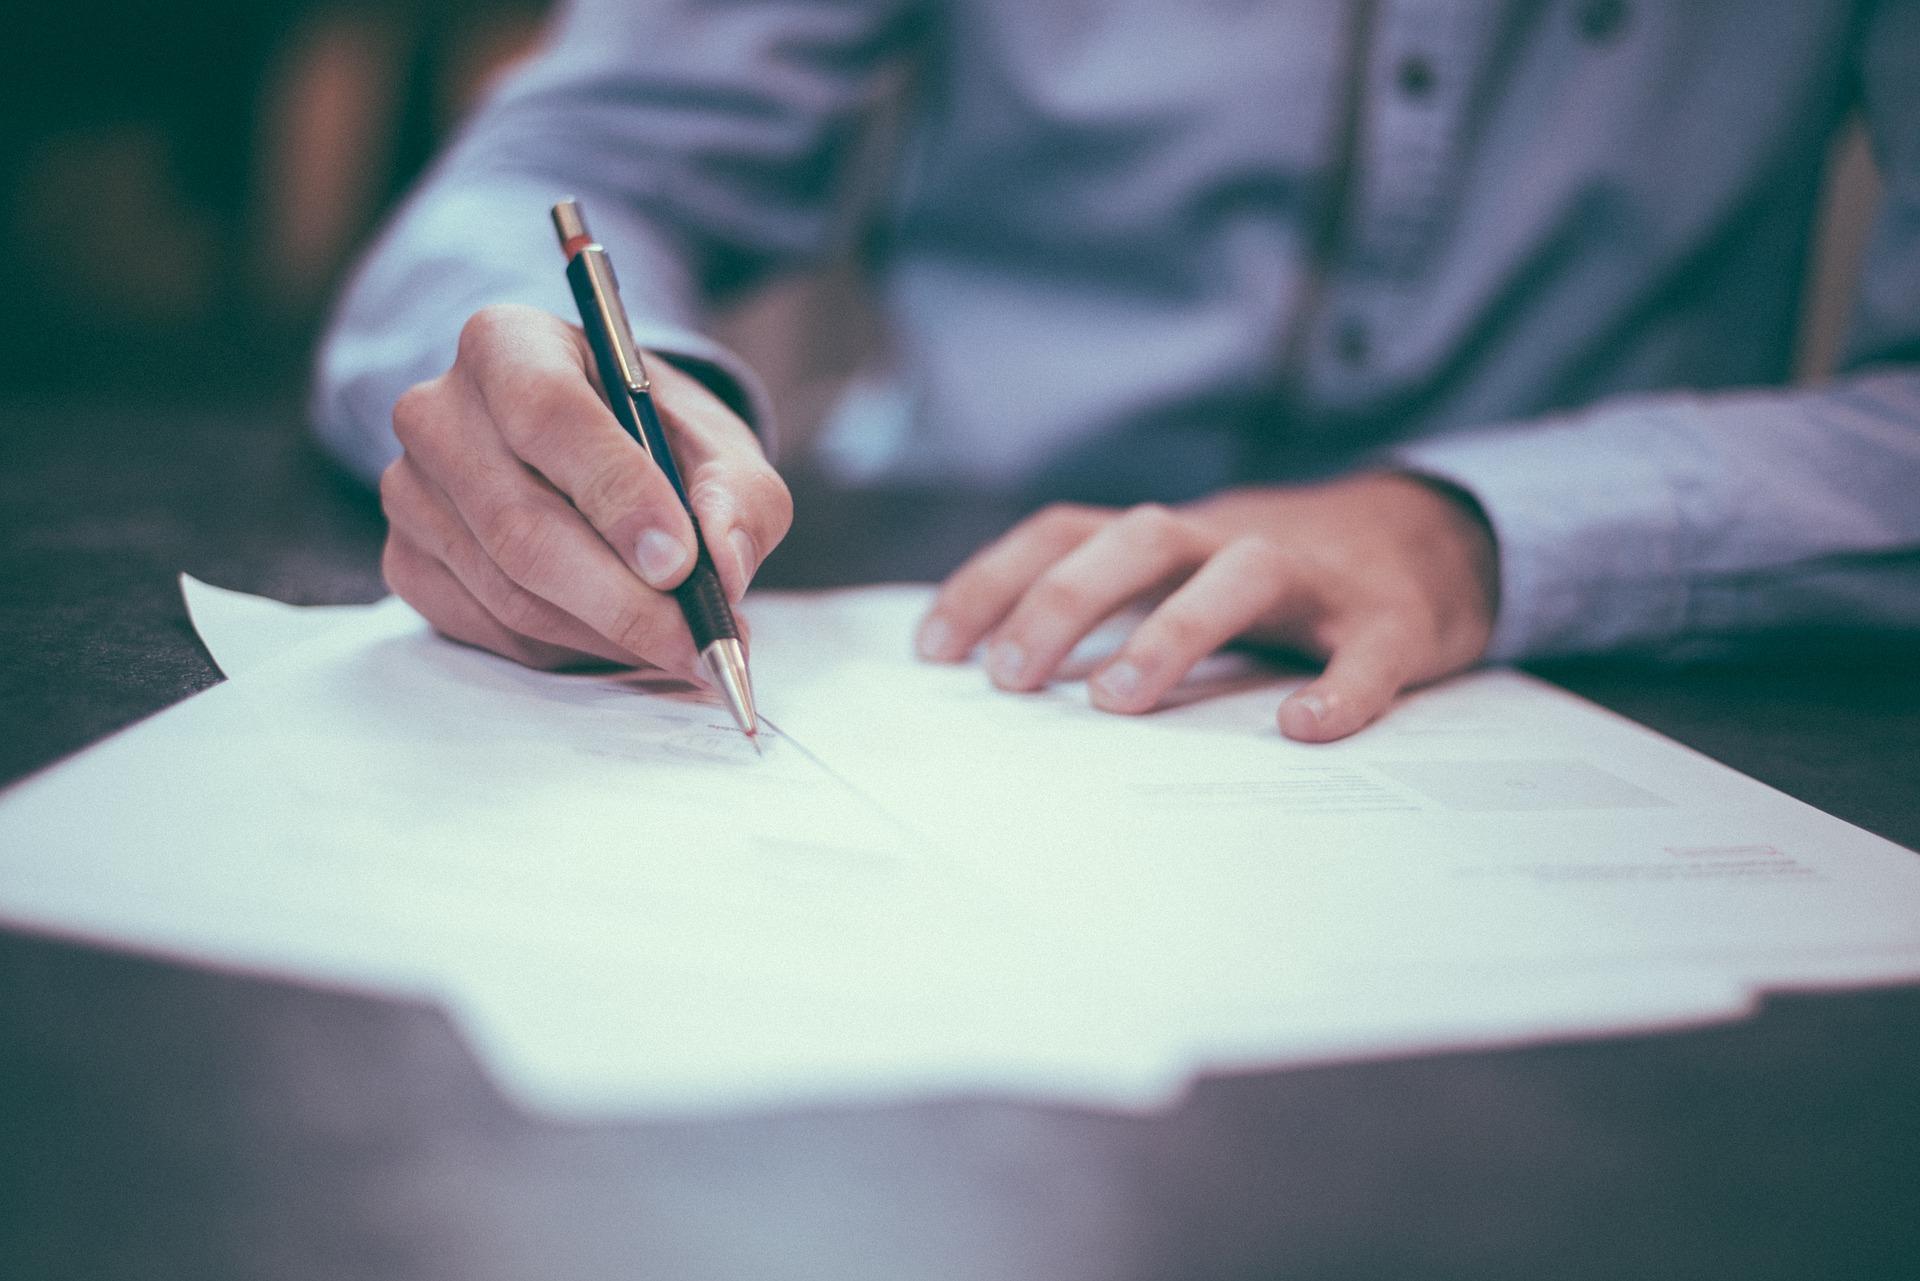 Hướng dẫn viết thư ủy quyền trong công bố mỹ phẩm